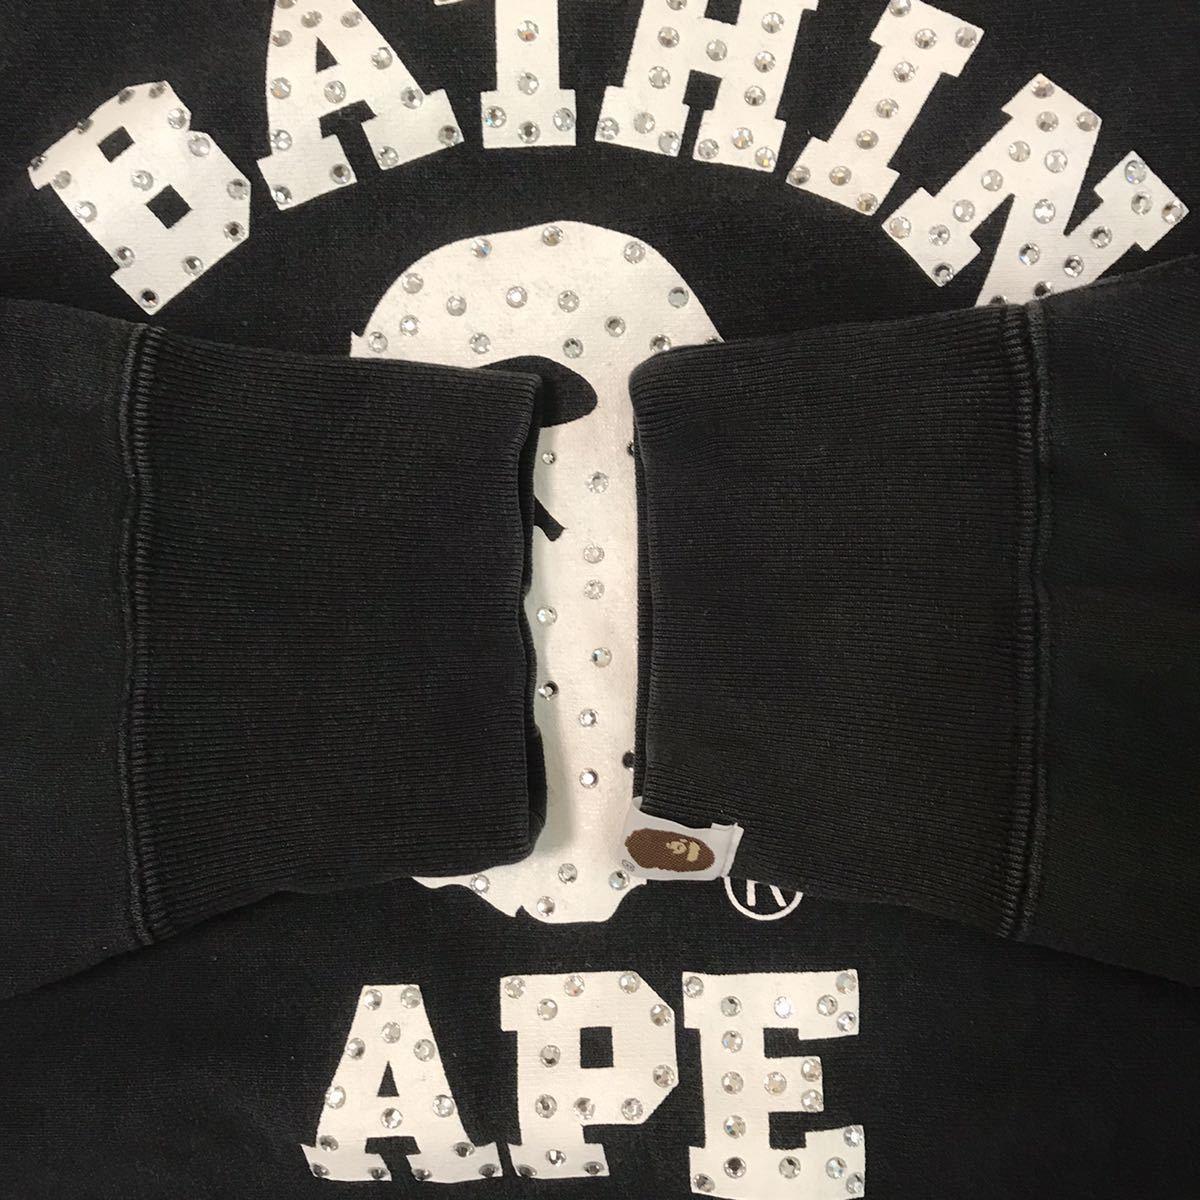 スワロフスキー カレッジロゴ 長袖 スウェット Mサイズ a bathing ape bape swarovski ラインストーン エイプ ベイプ college logo nigo 16